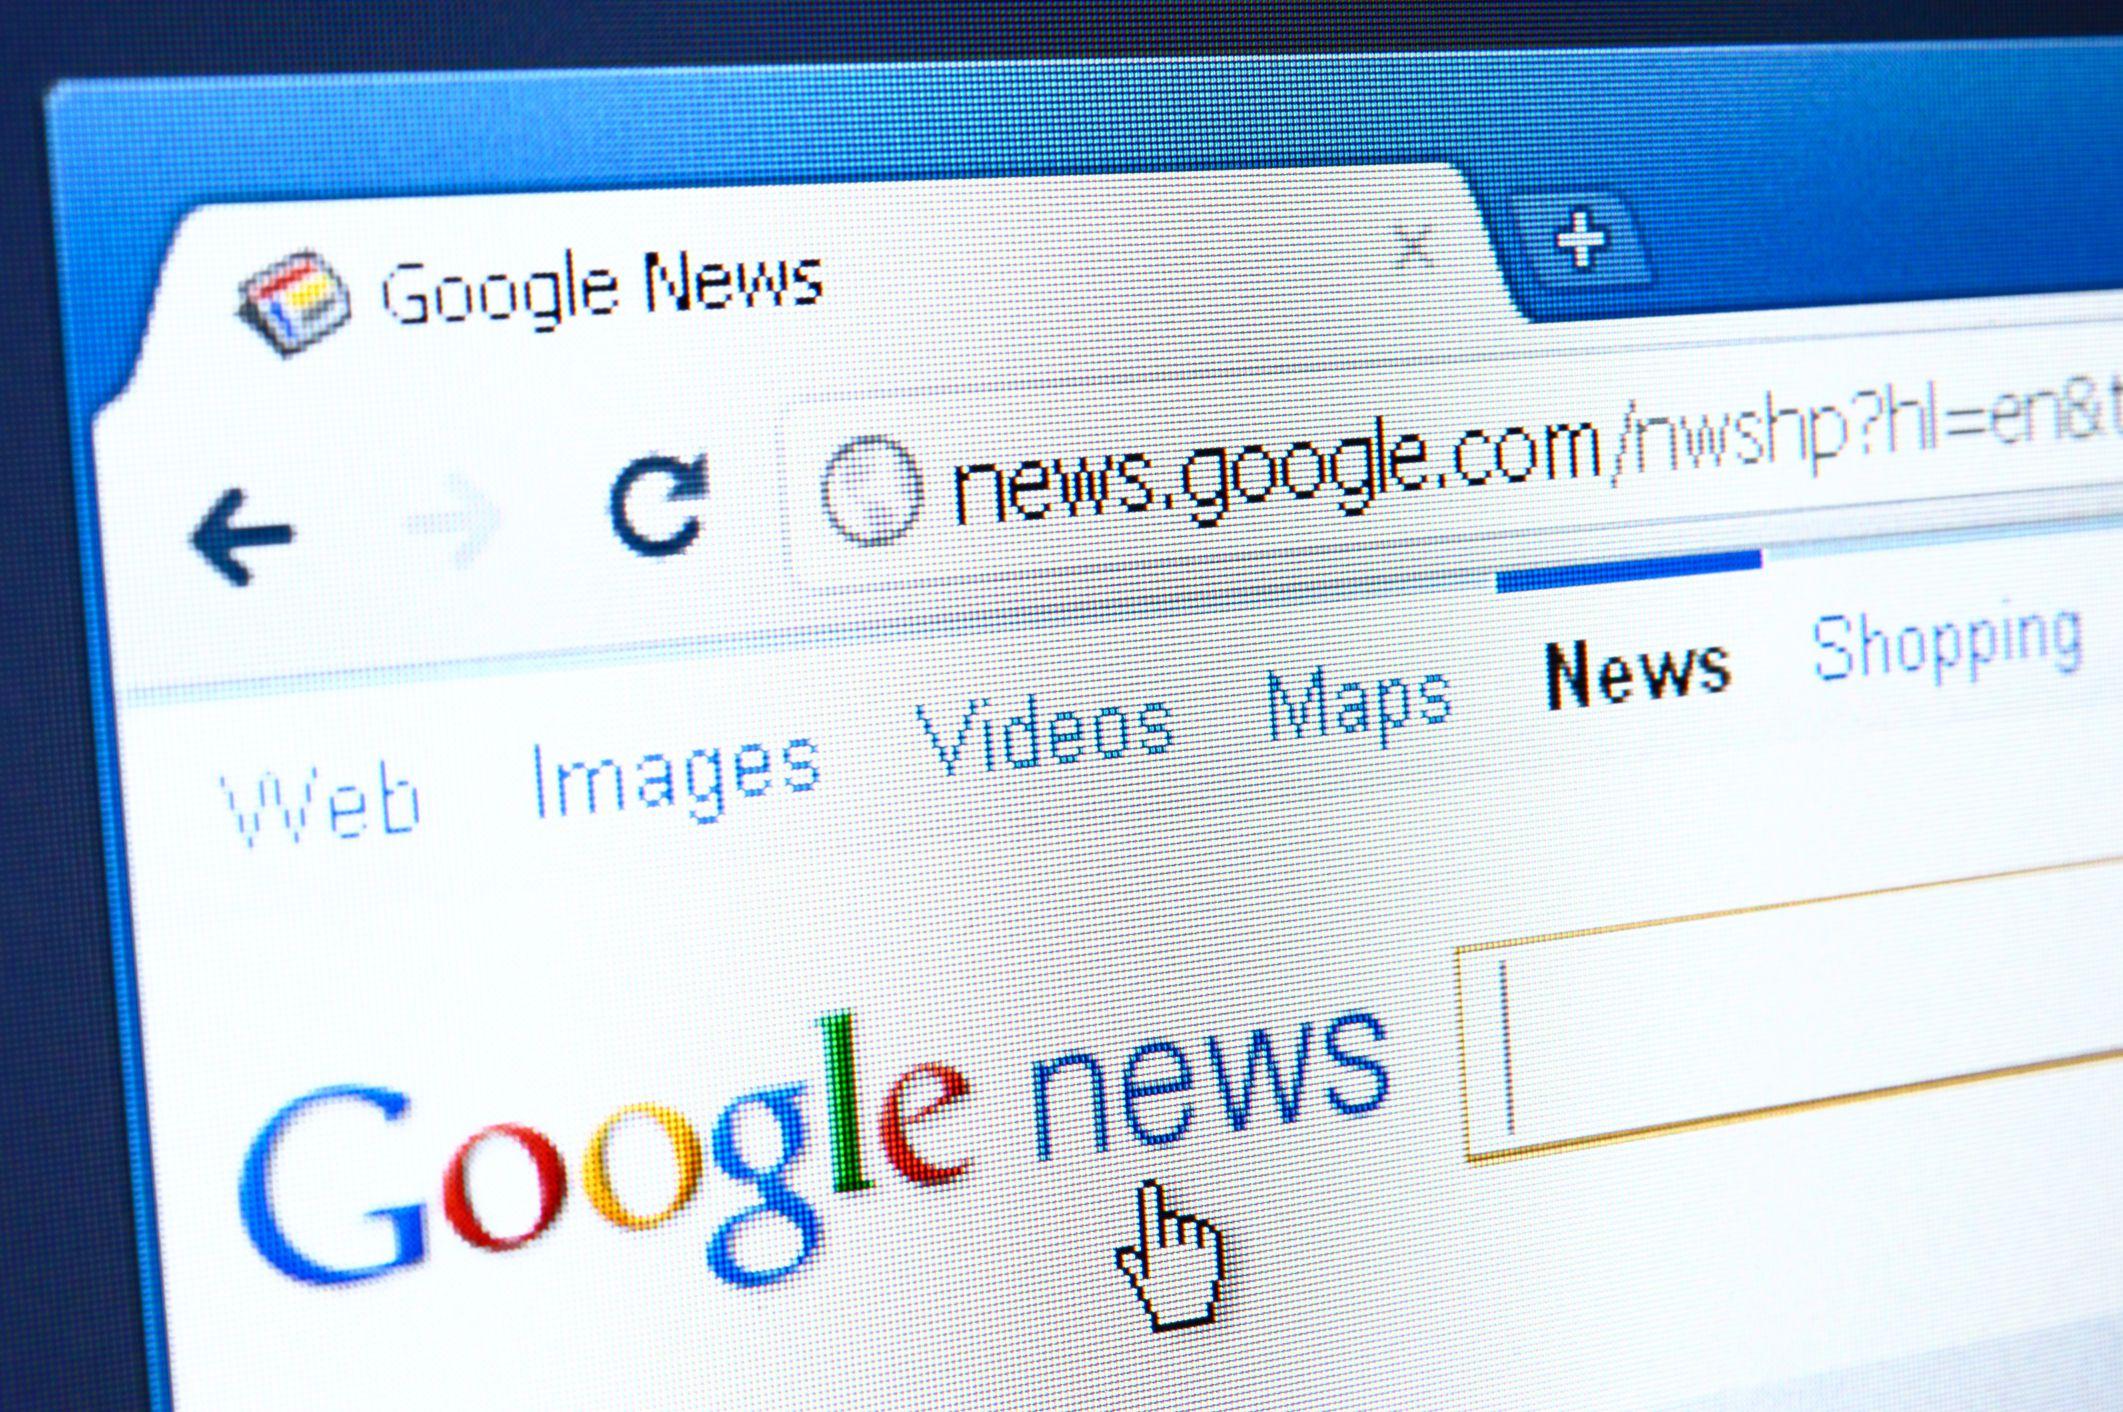 Google news rss